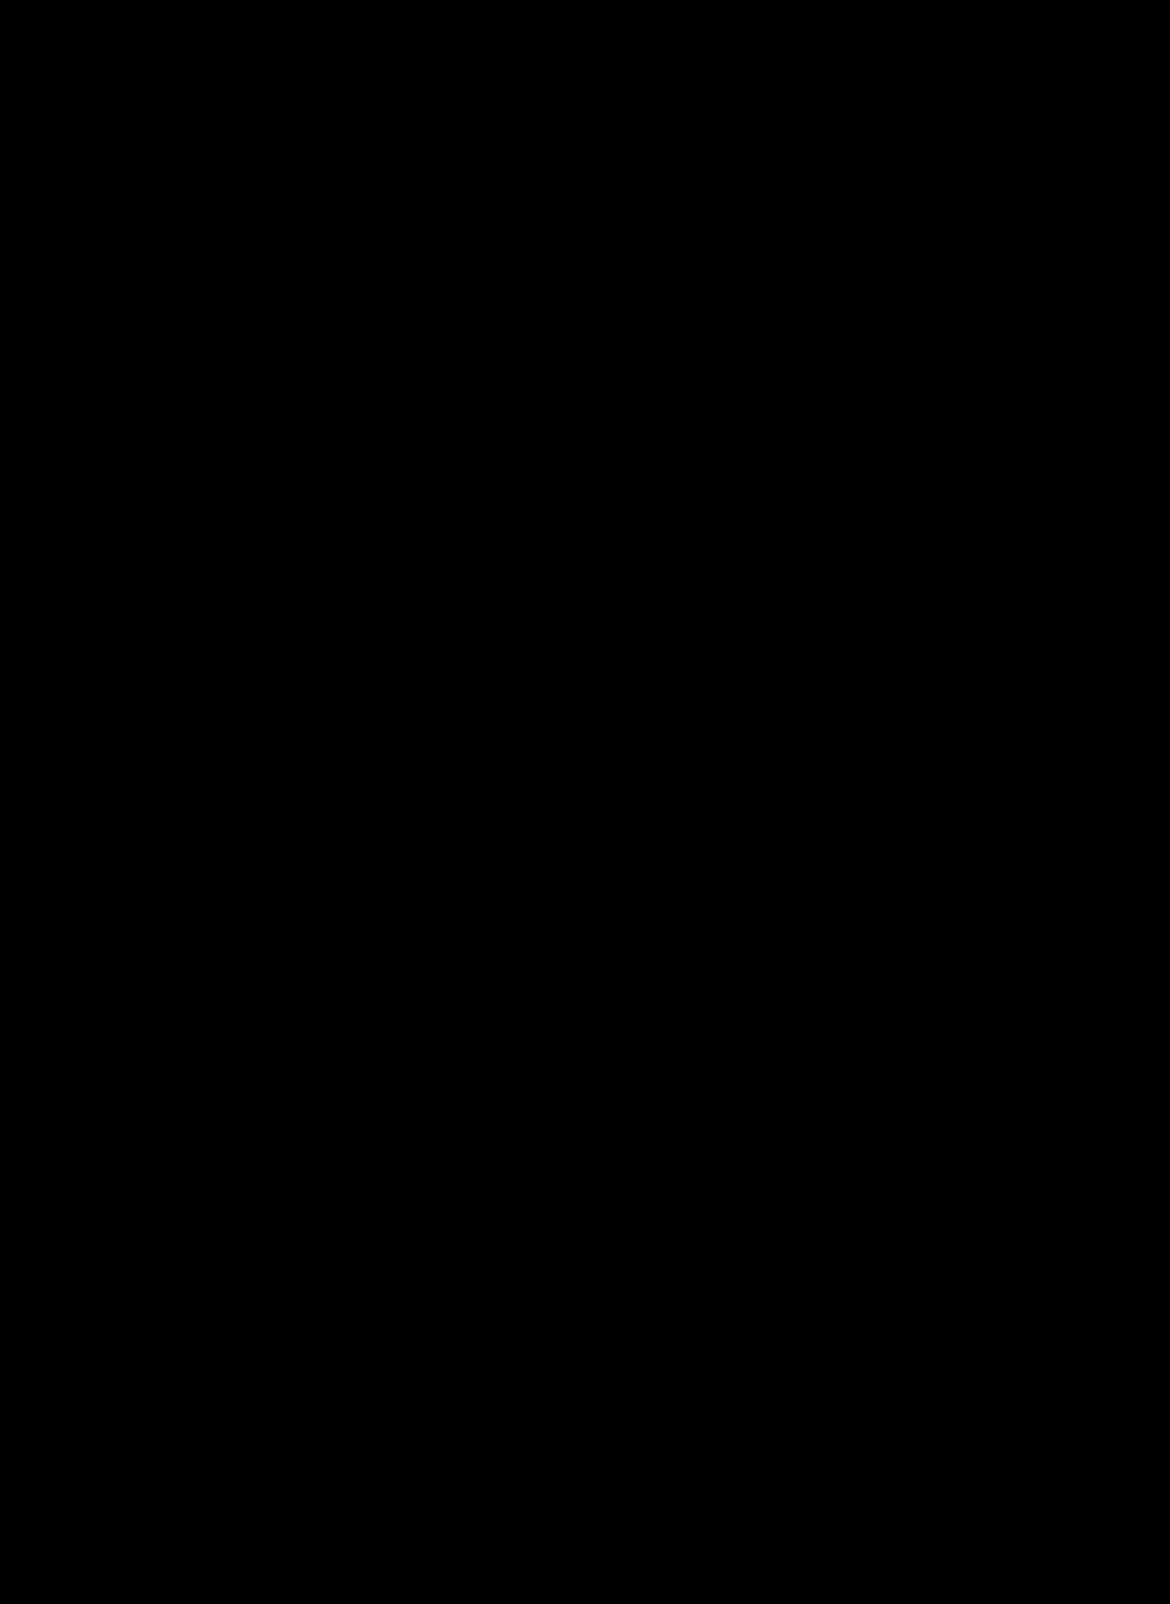 Una settimana in Giappone - Il mio itinerario by Laura Comolli - Tokyo Hachiko Statue